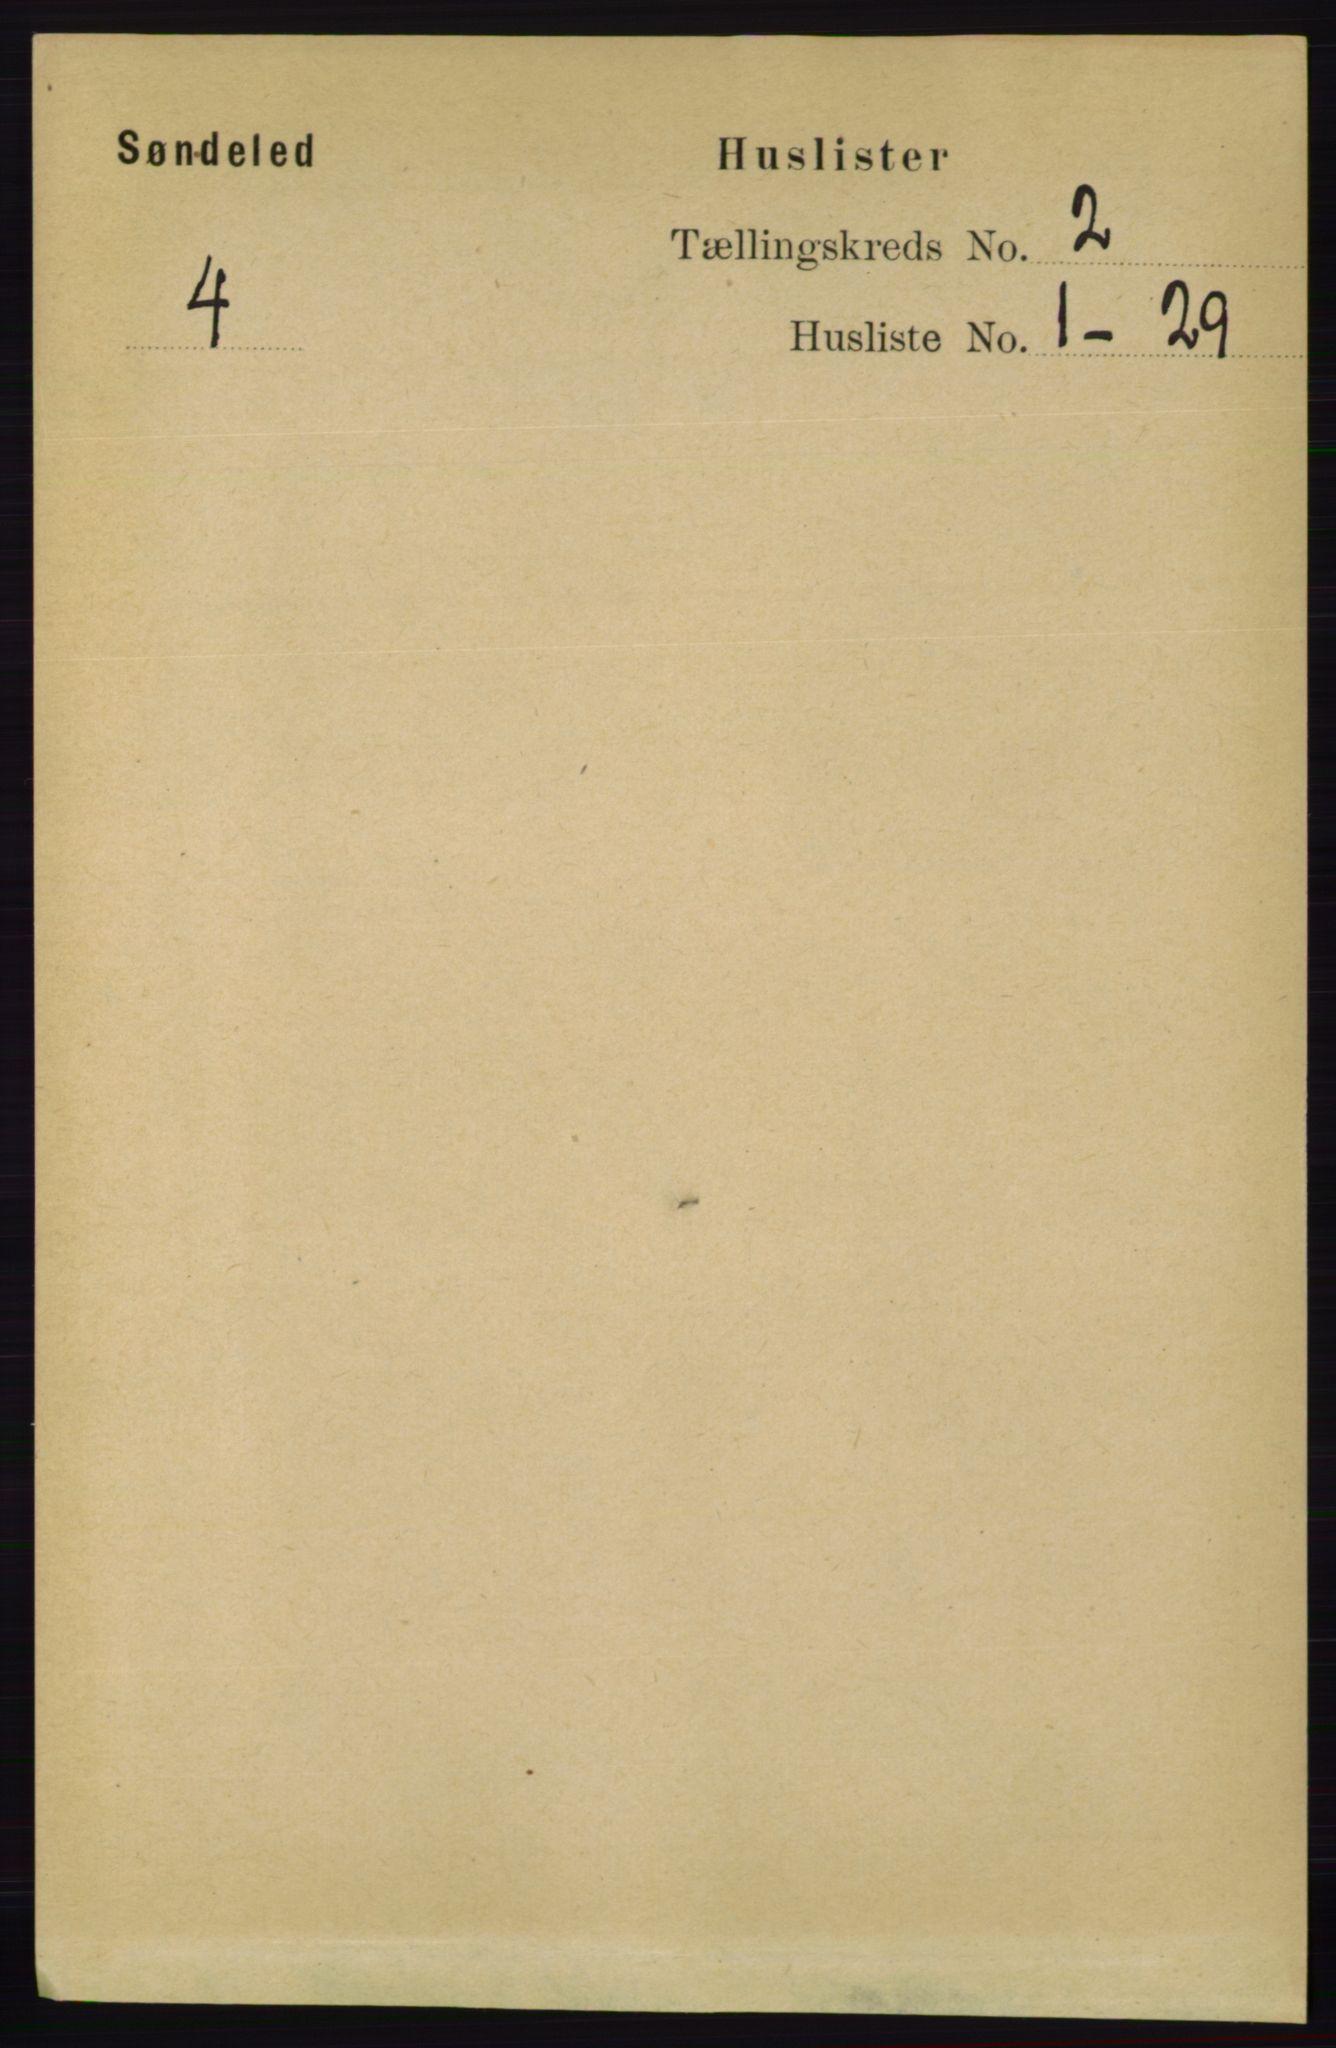 RA, Folketelling 1891 for 0913 Søndeled herred, 1891, s. 350